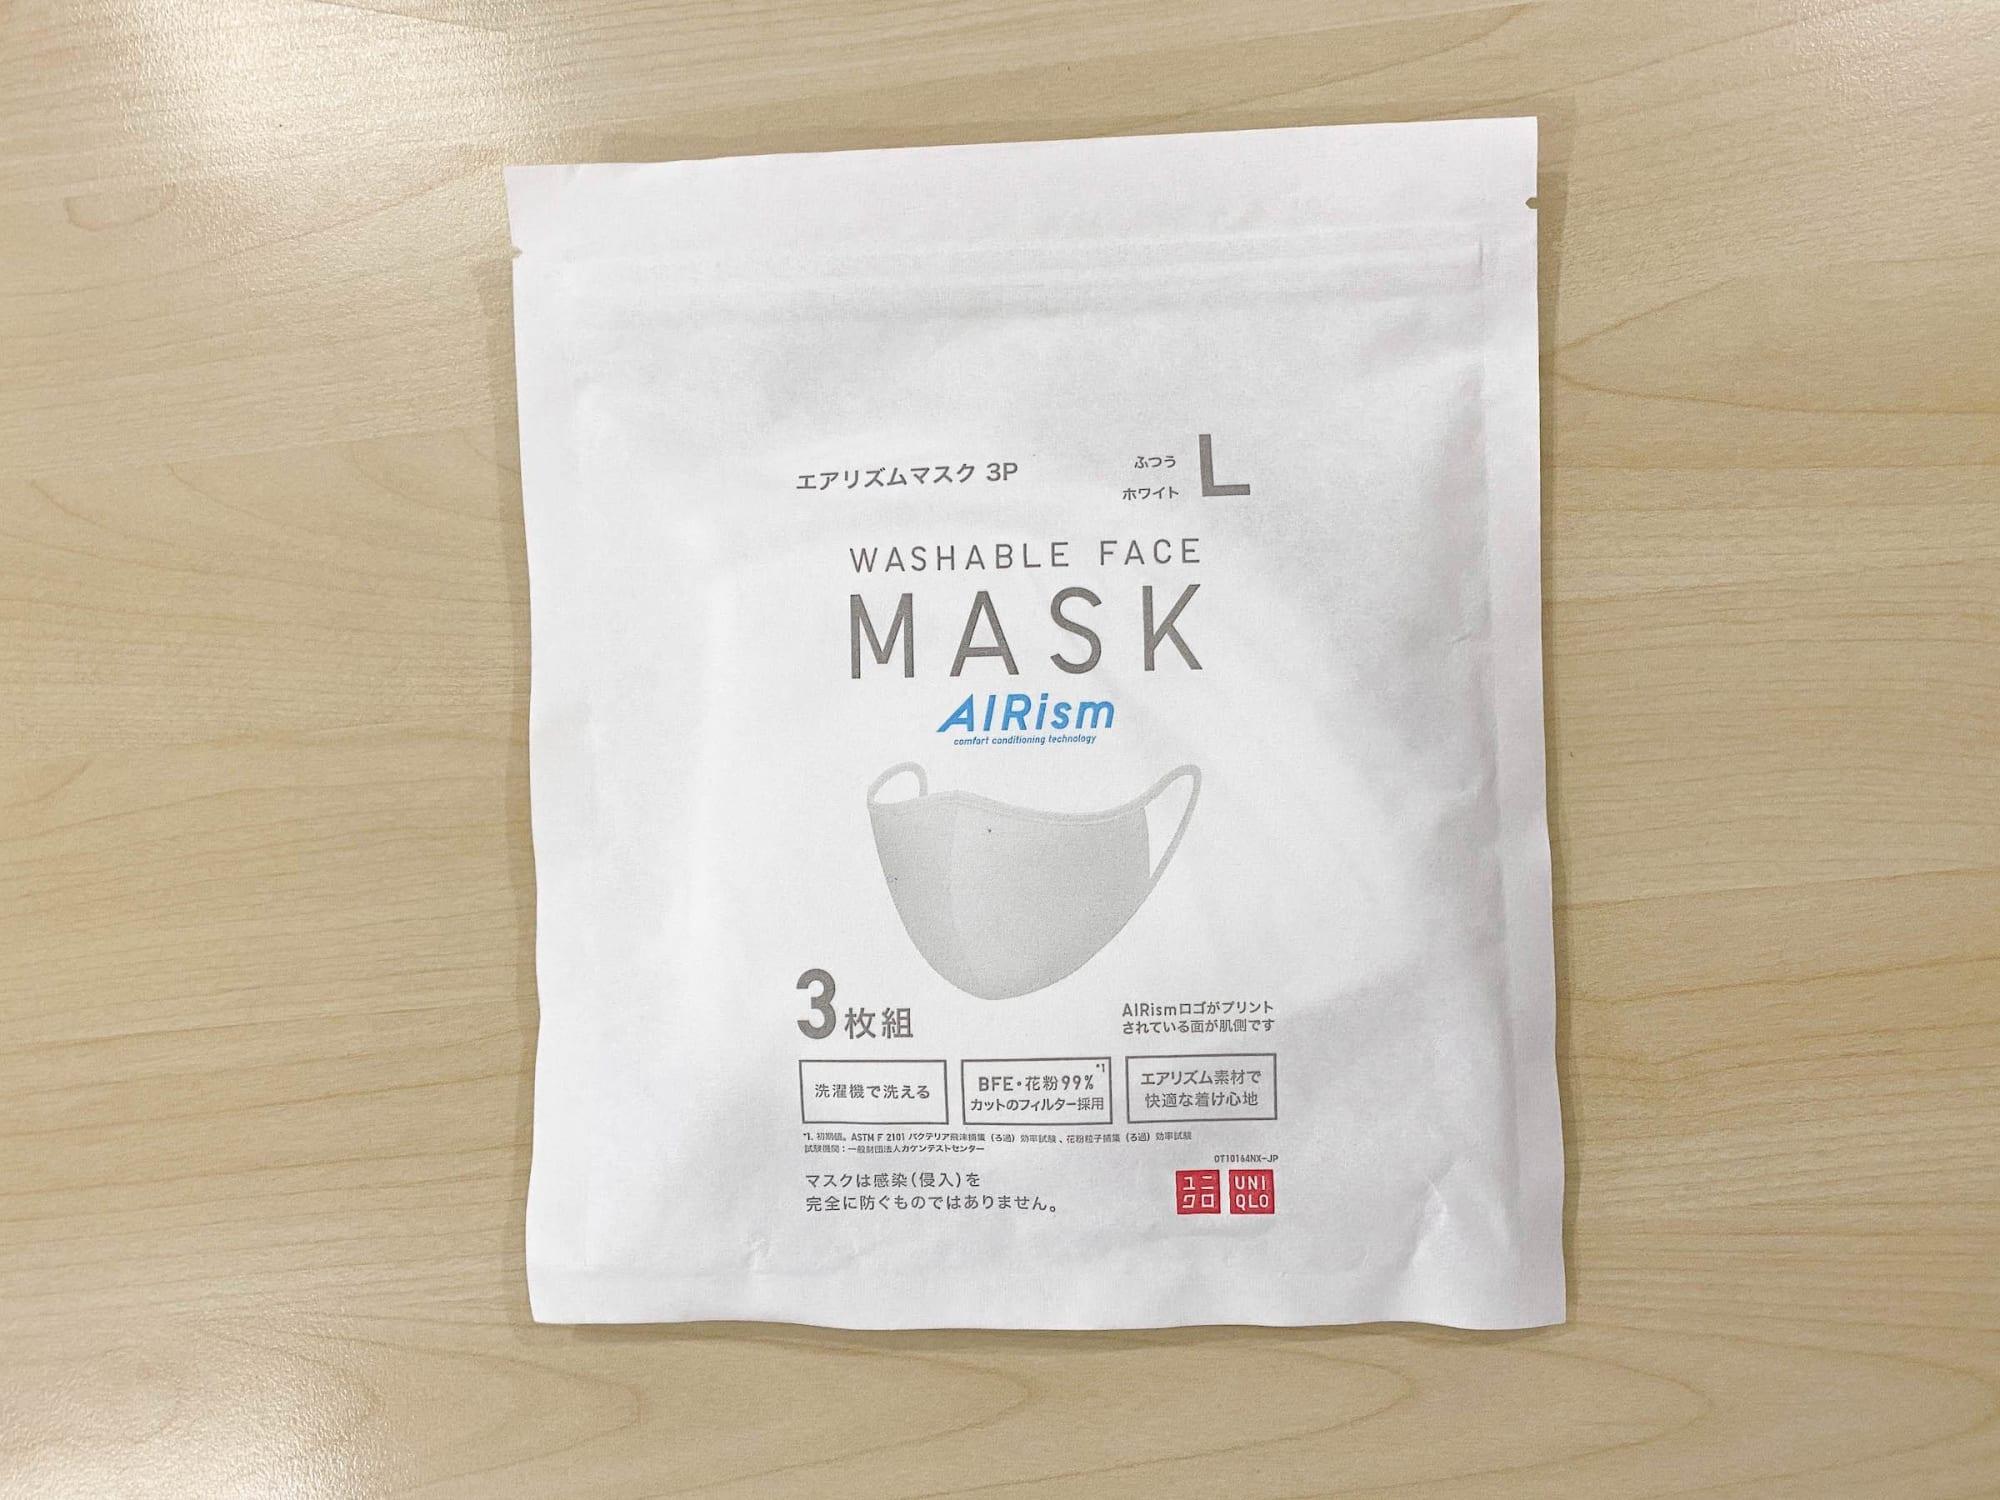 エアリズム マスク ユニクロ